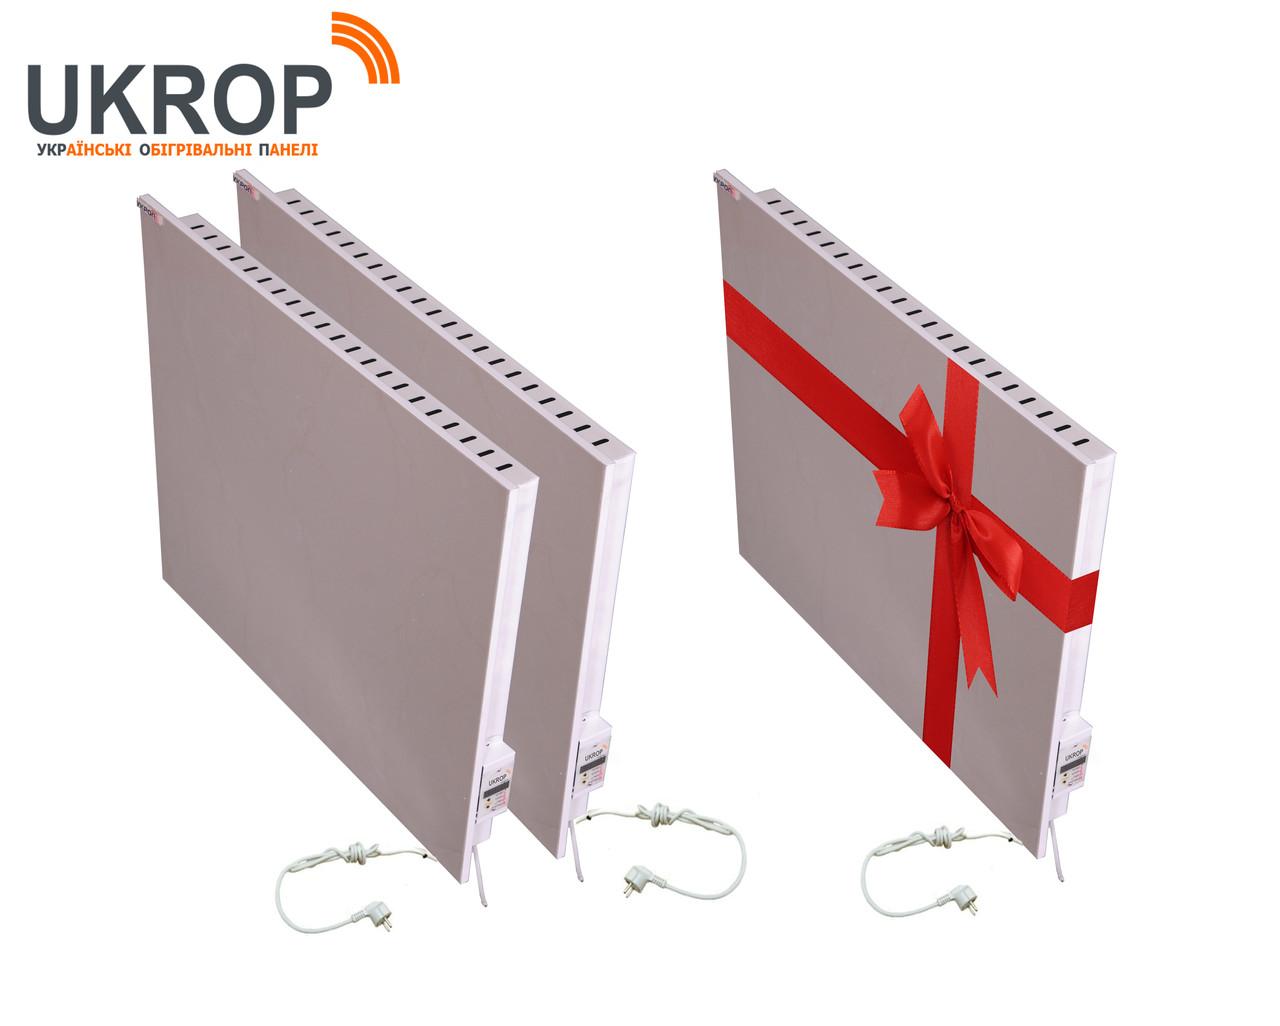 Промо-набір 3шт: керамічний біо-конвектор UKROP БІО-К 750ВТ з цифровим терморегулятором 2в1, не сушить повітря